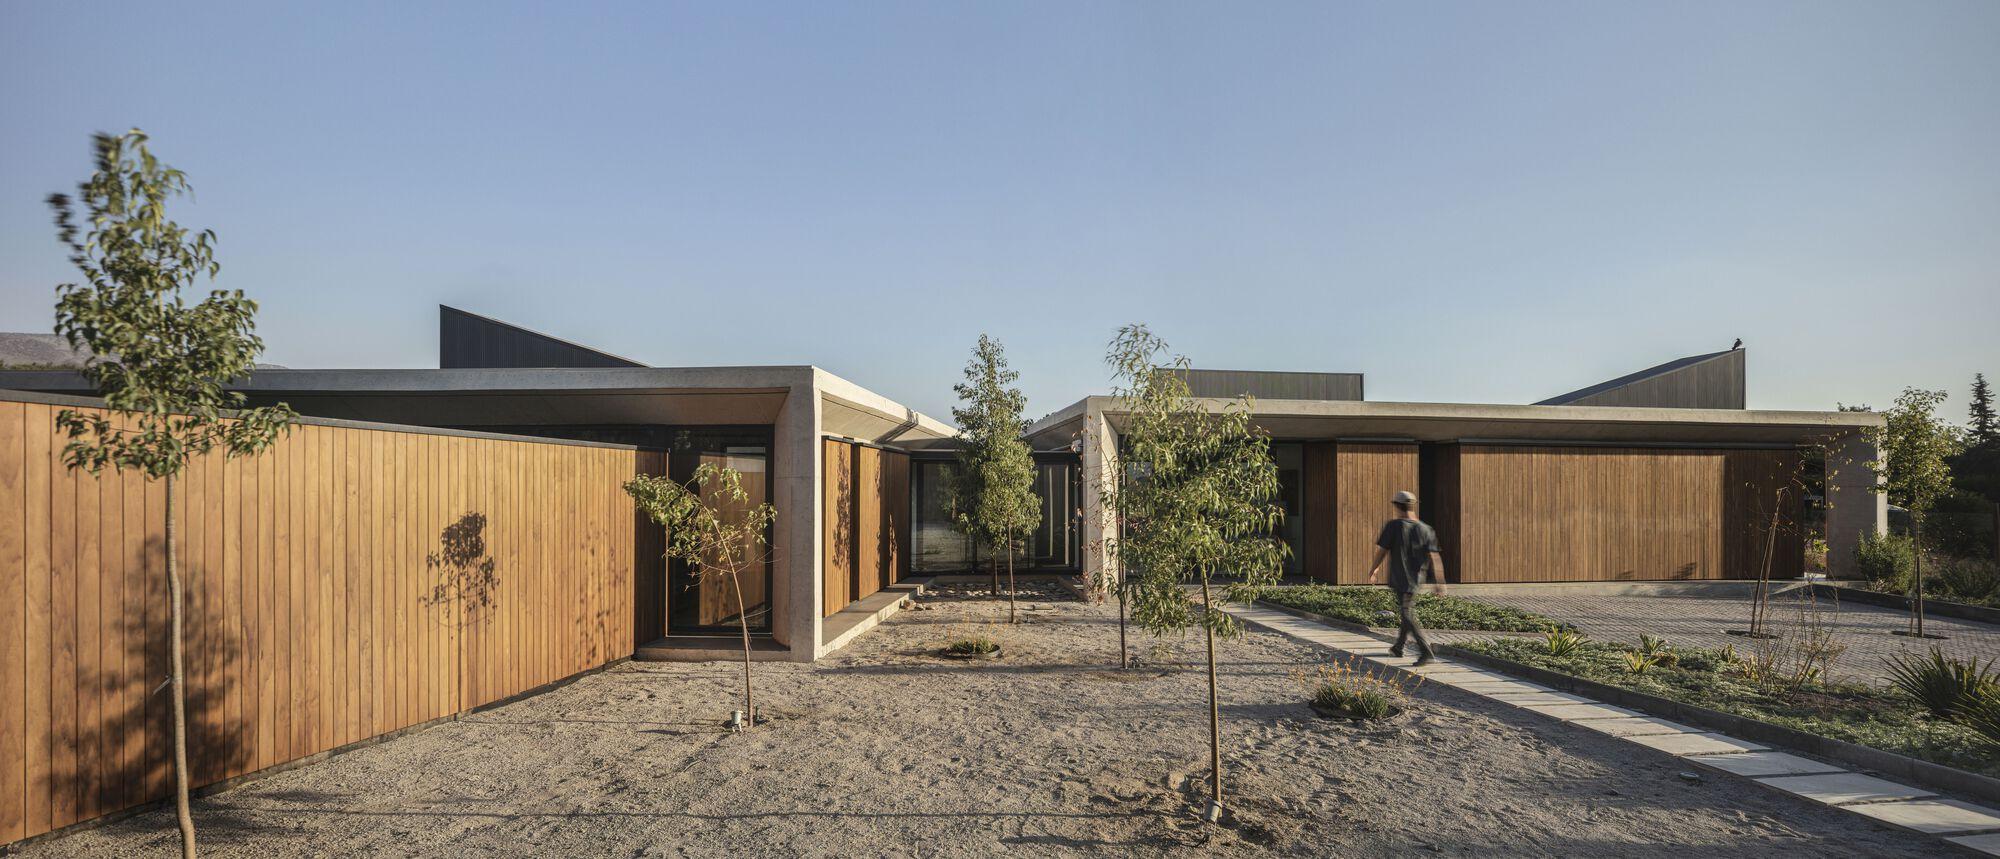 House Altos / Duque Motta & AA